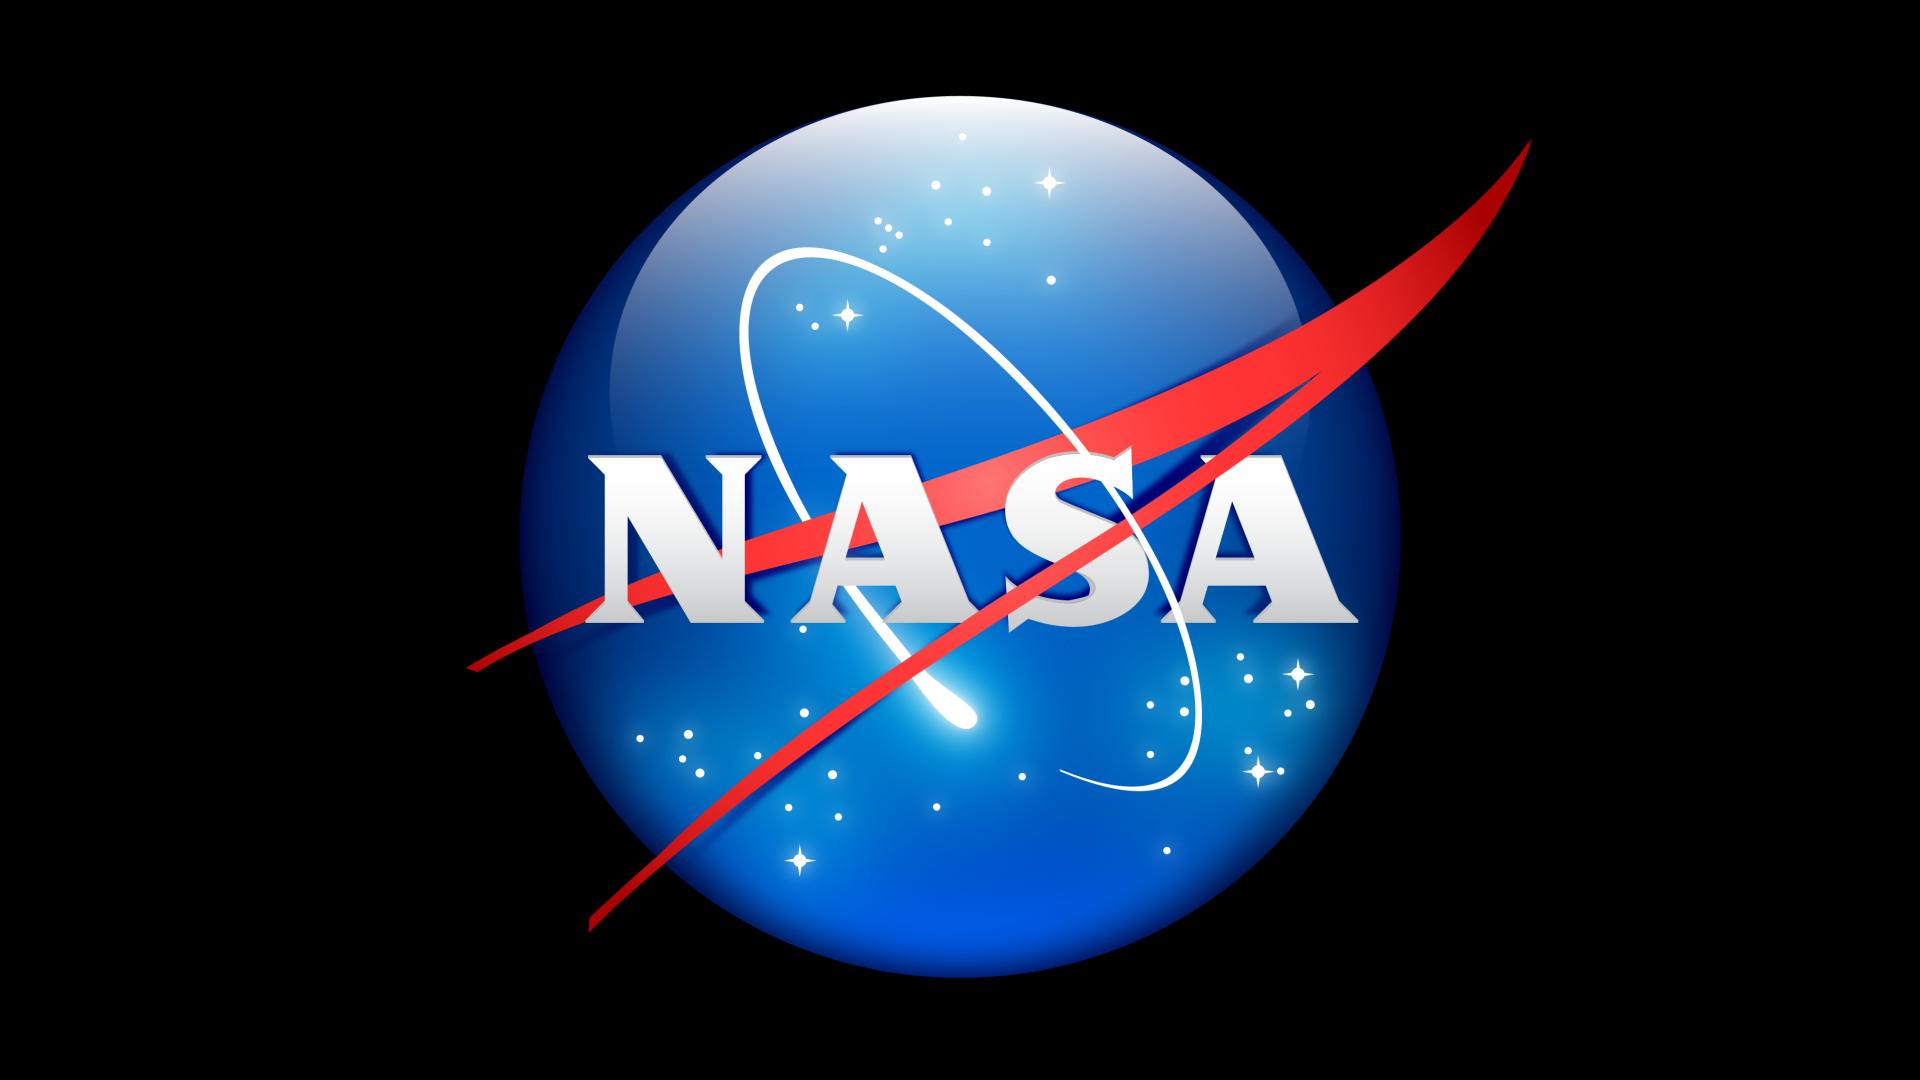 NASA Logo - Glossy